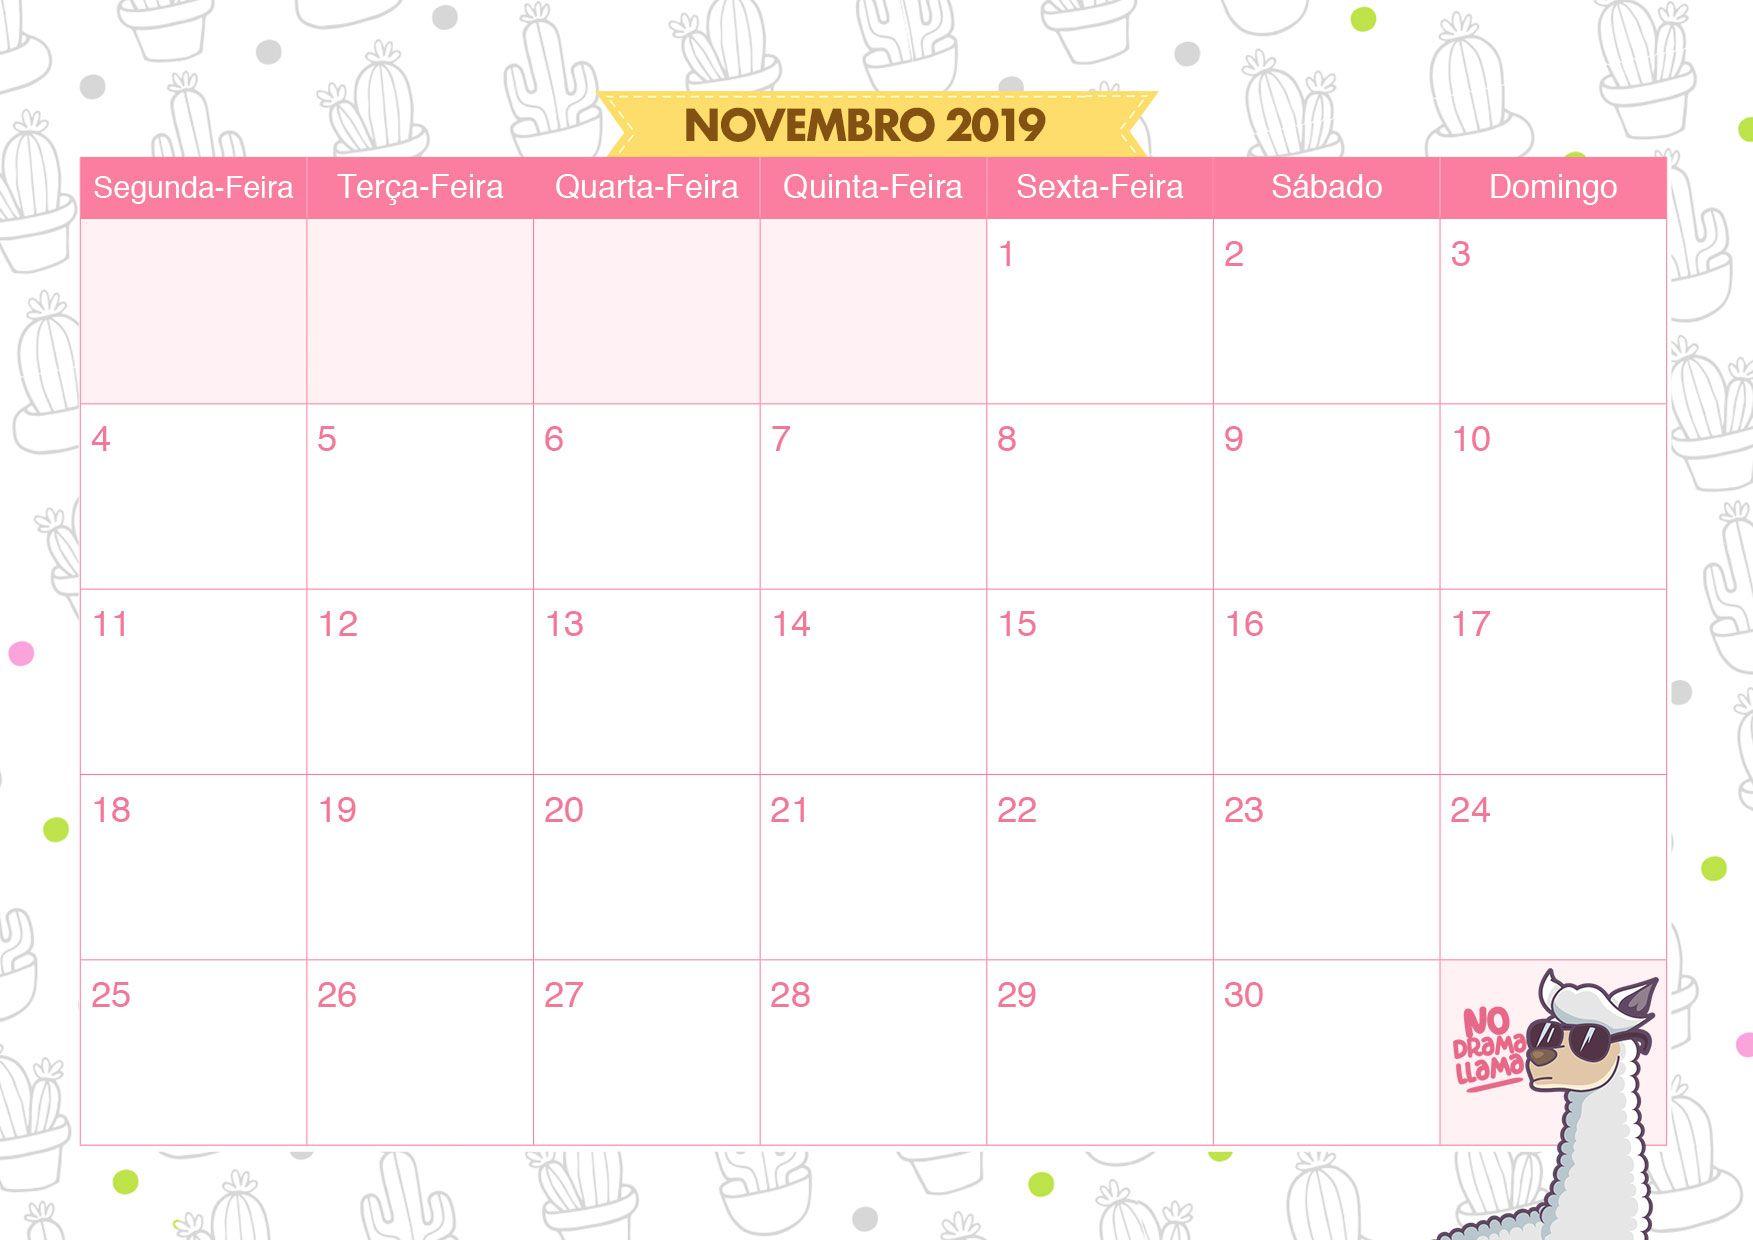 Calendario Mensal Lhama e Cactos Novembro 2019 ...